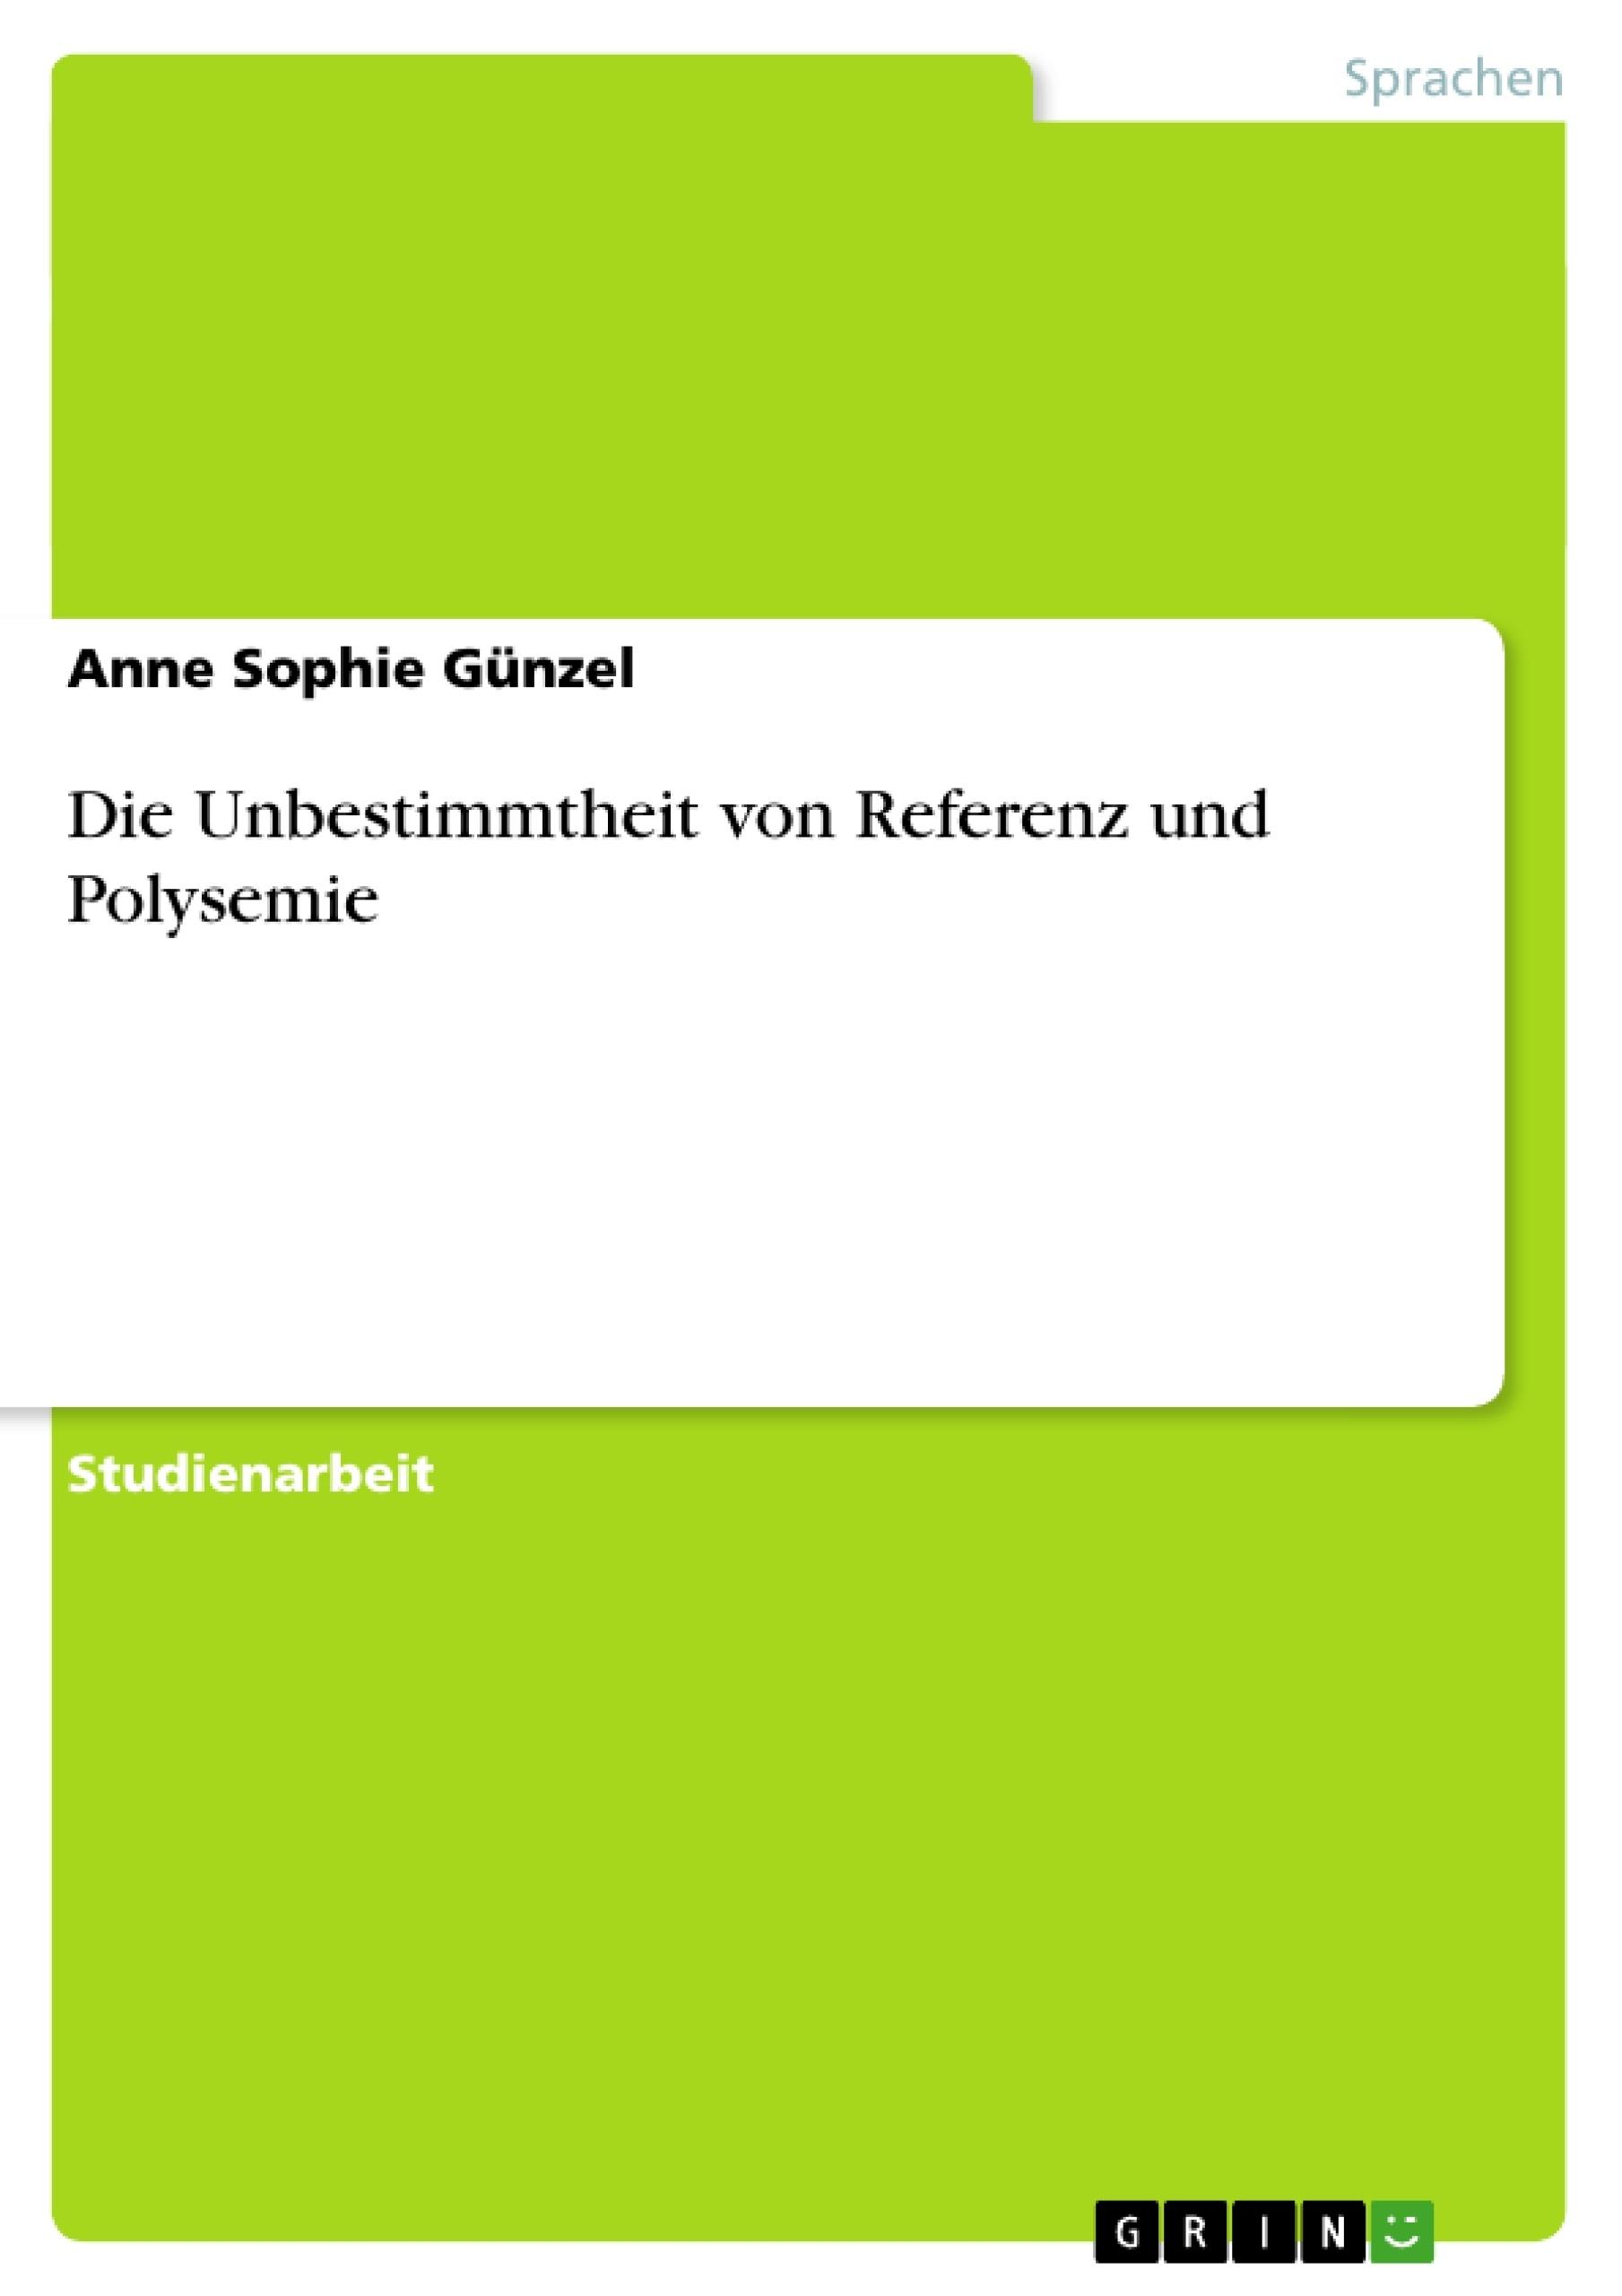 Titel: Die Unbestimmtheit von Referenz und Polysemie